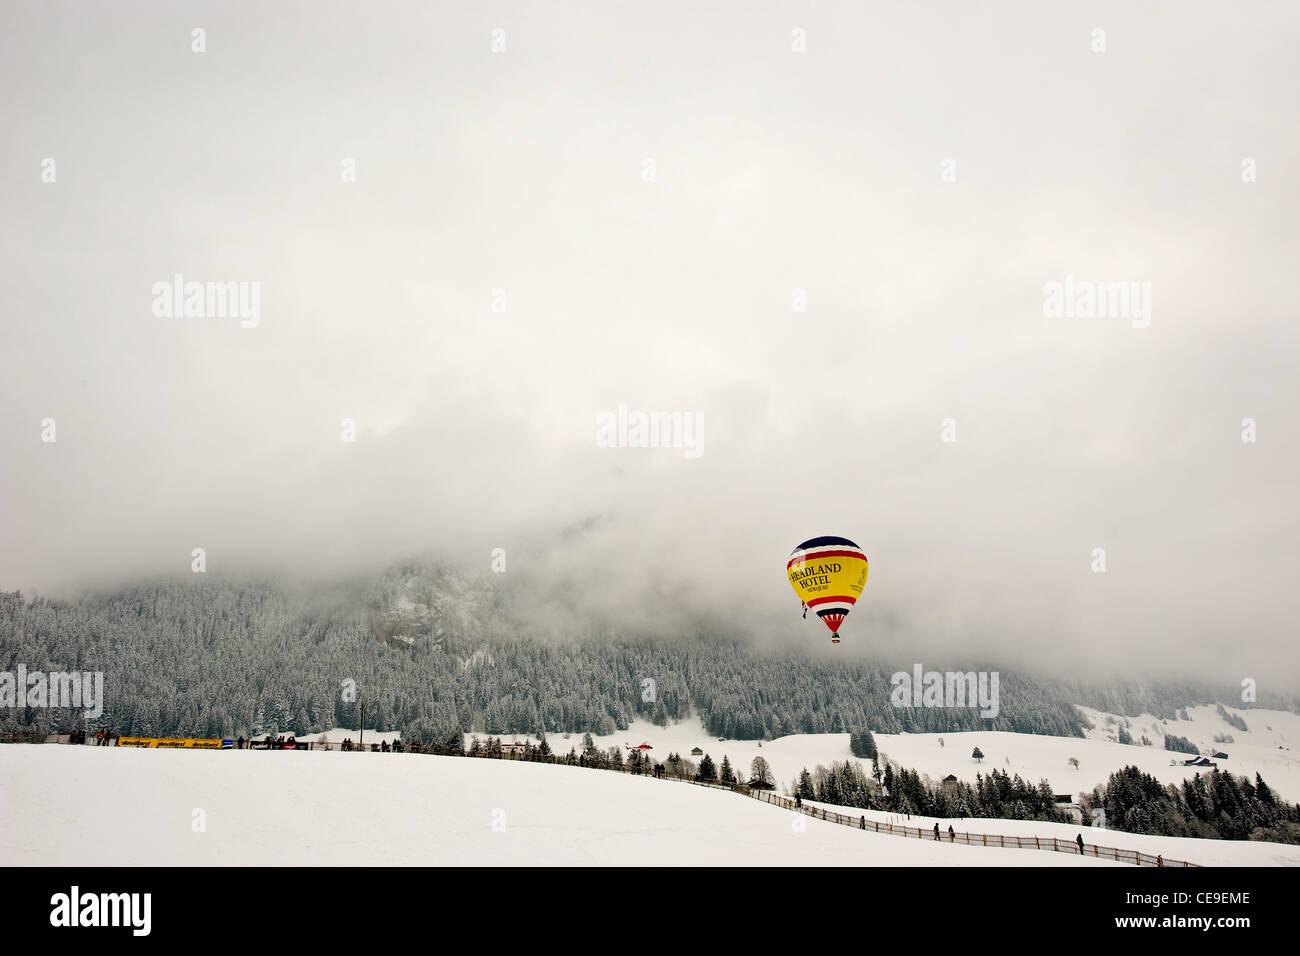 Festival International de Ballons, Château d'Oex, Suisse Banque D'Images